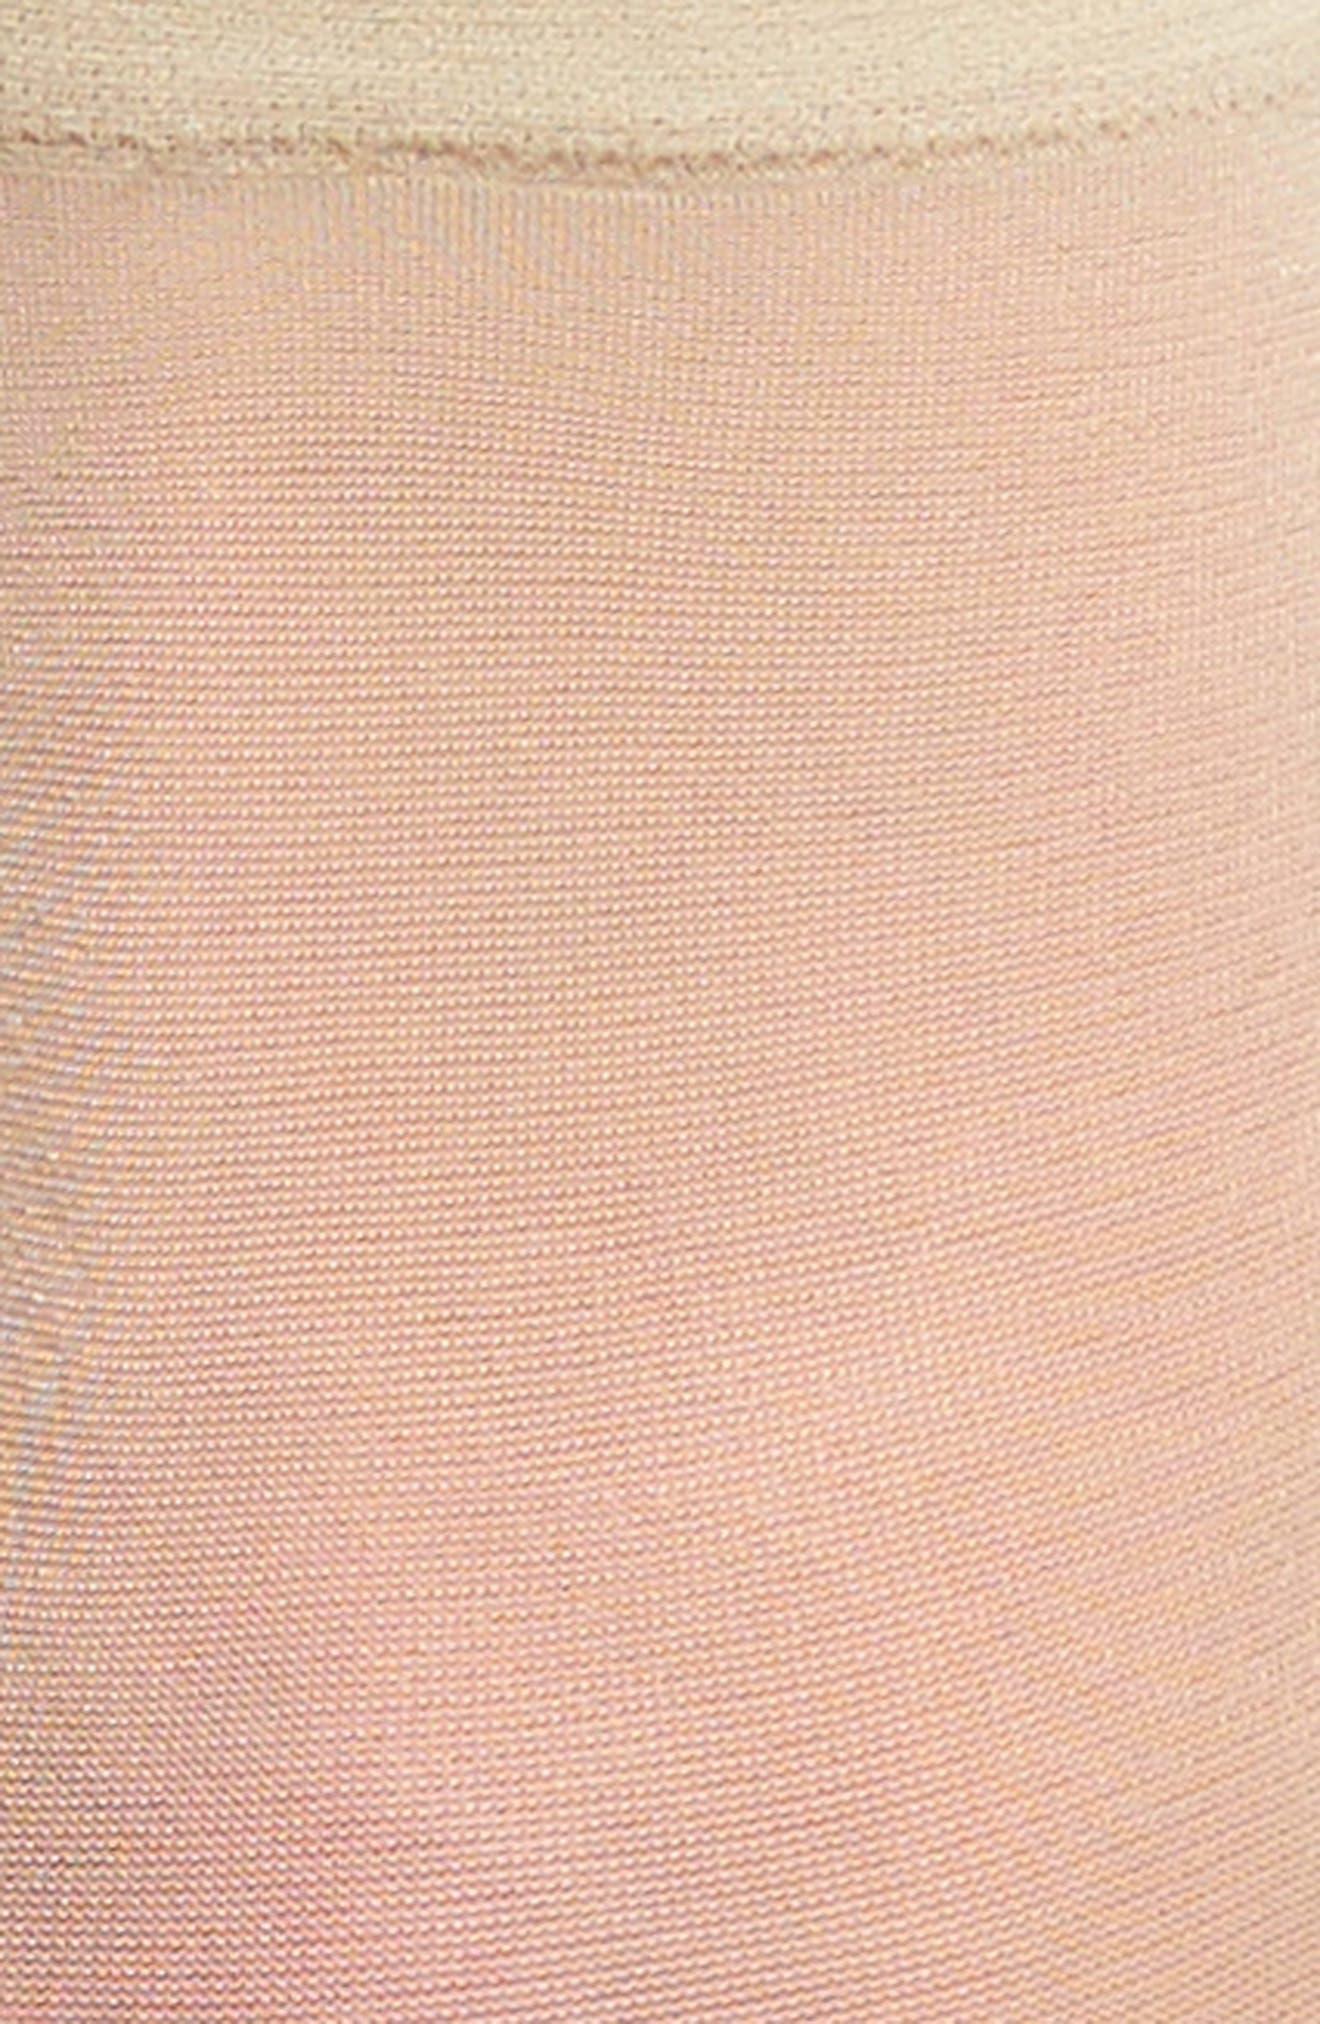 Patrizia Lace-Up Socks,                             Alternate thumbnail 3, color,                             250